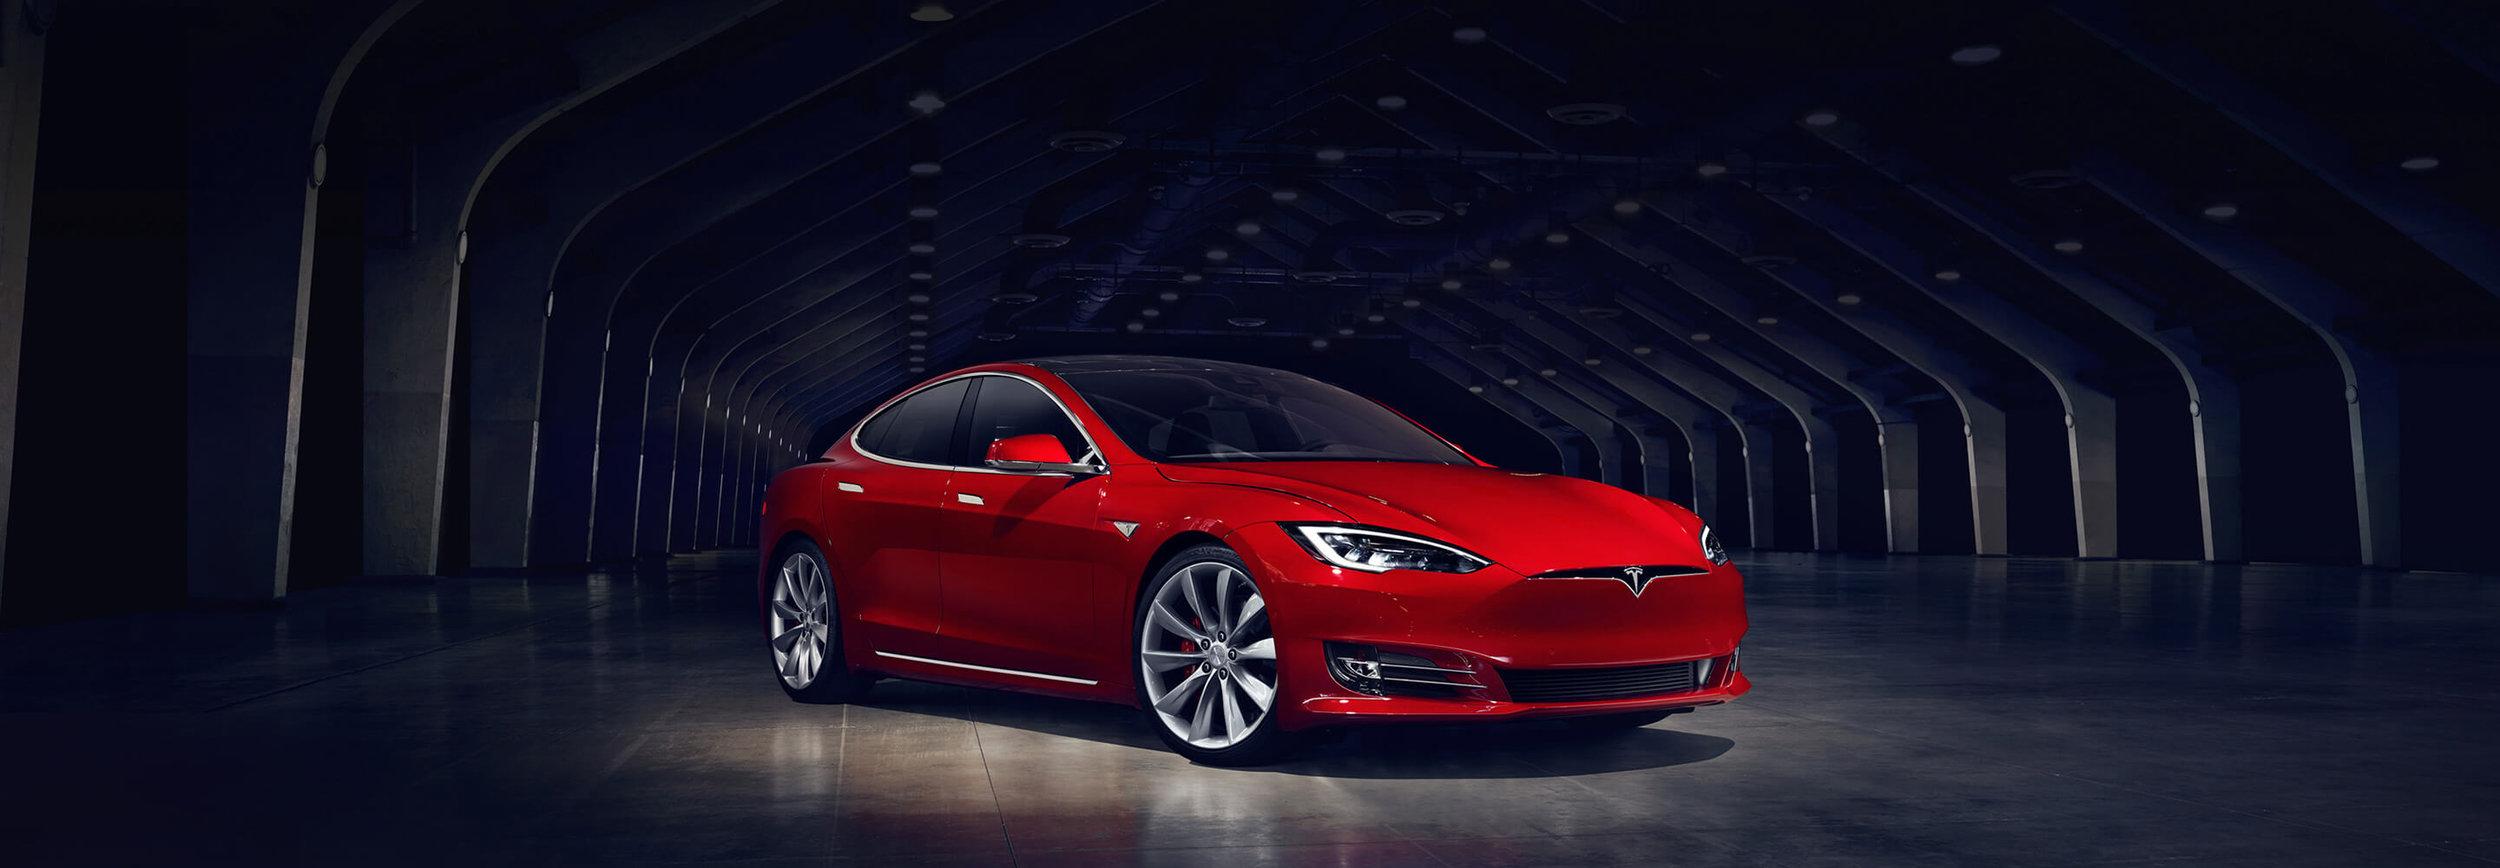 국내에 올해부터 판매될 테슬라 모델 S.